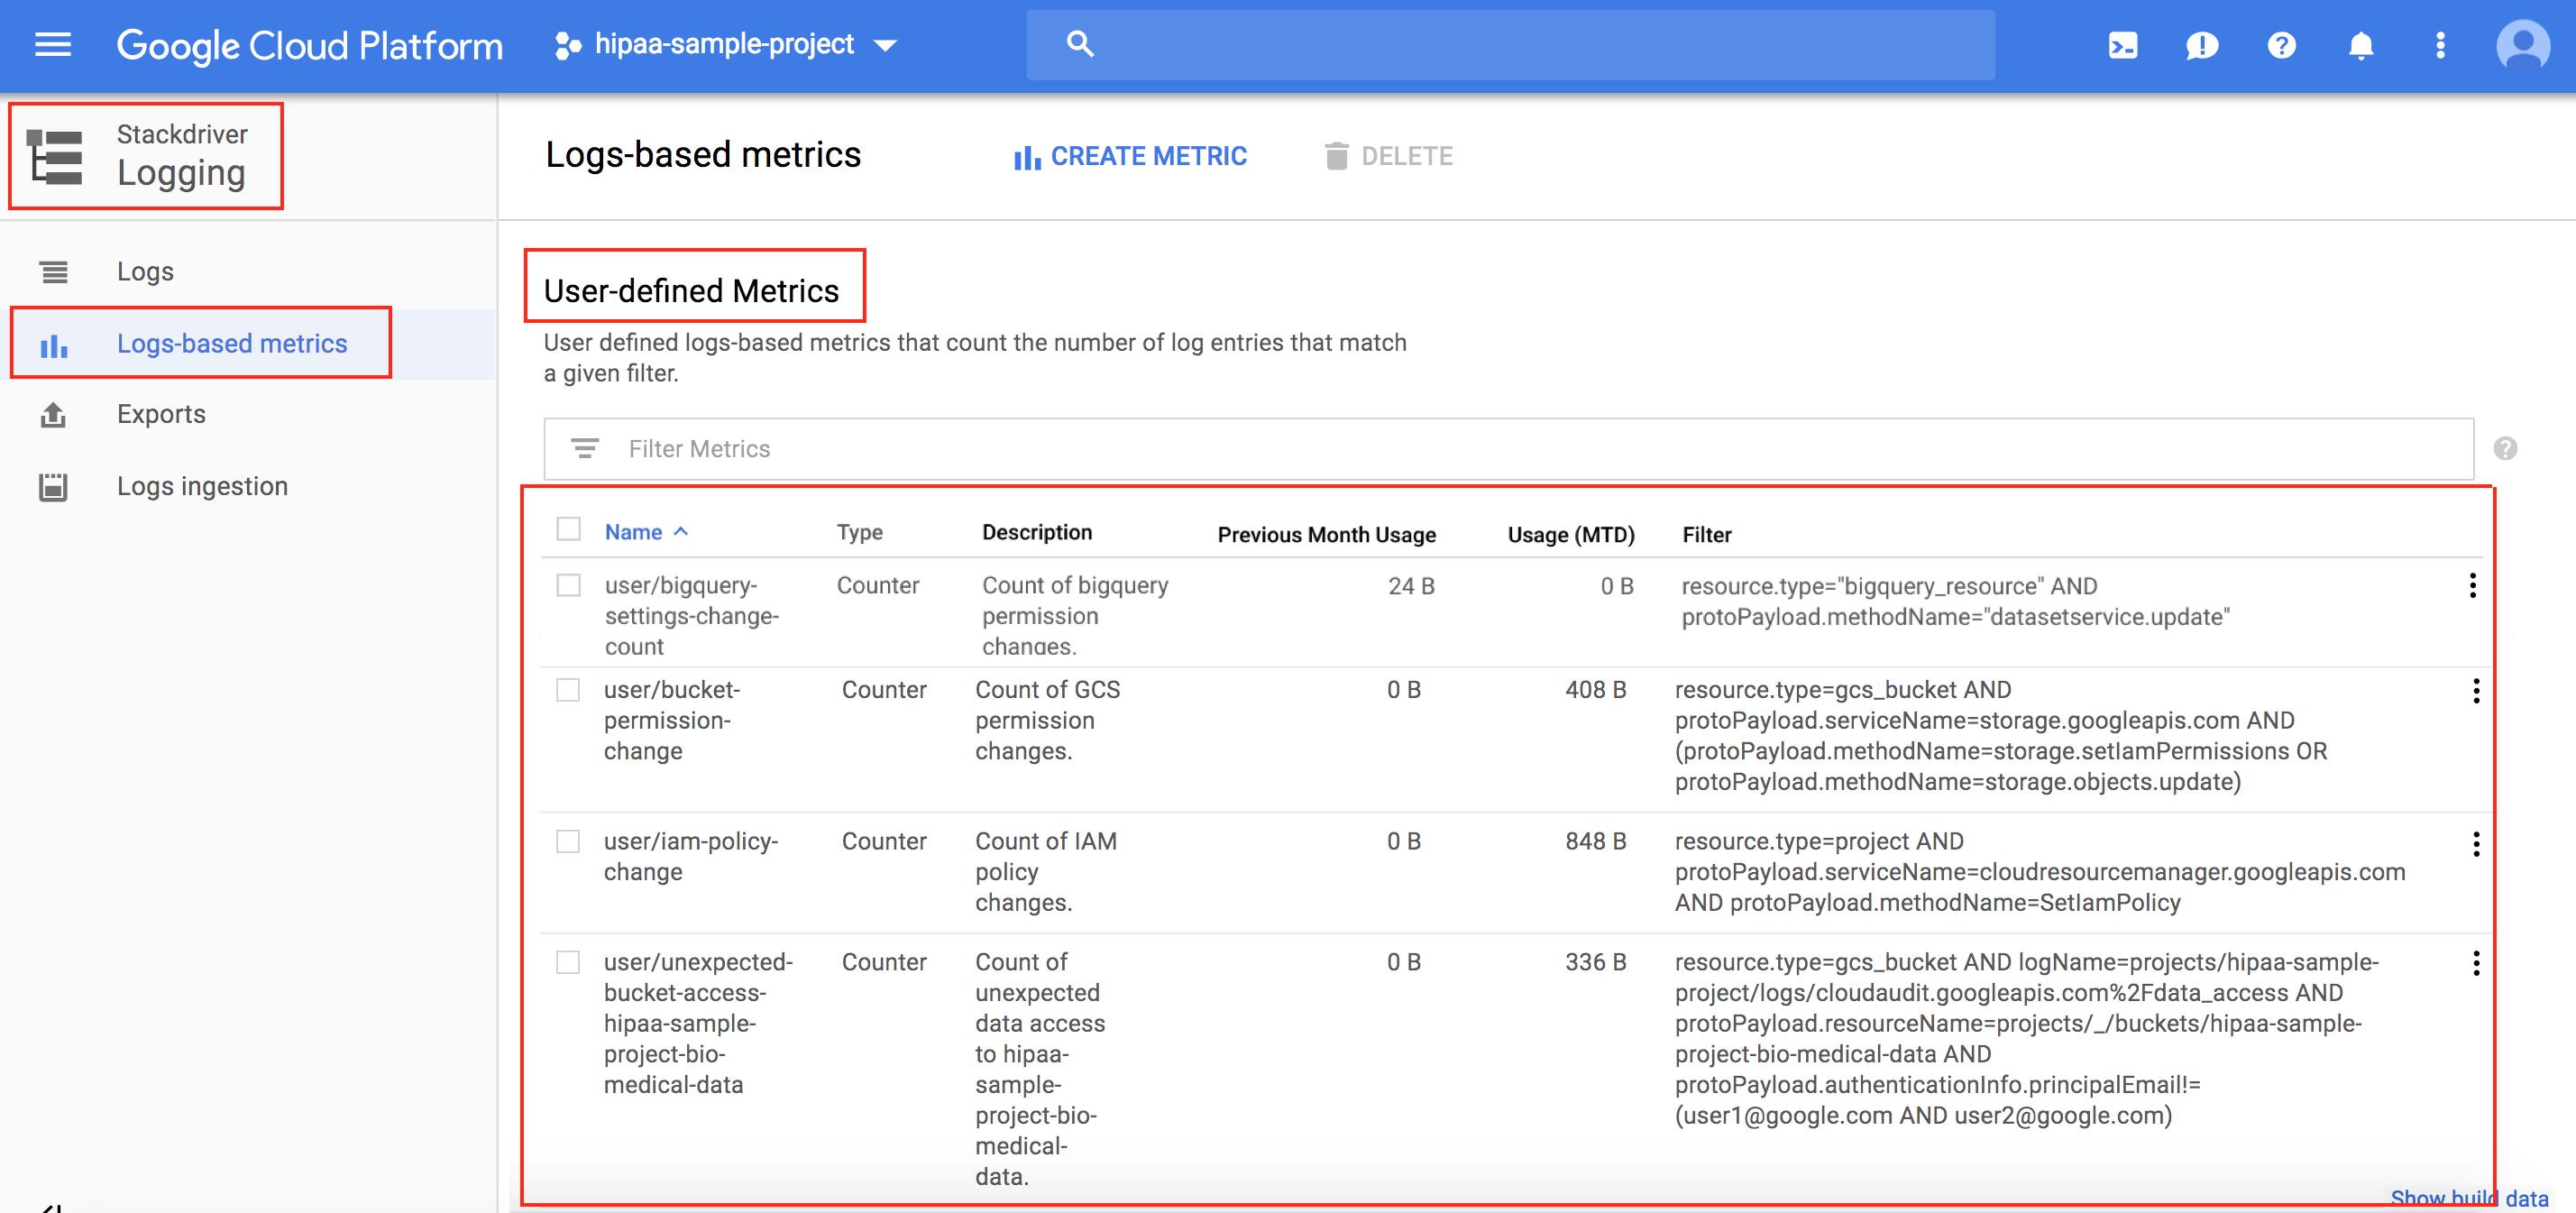 CloudLogging muestra métricas basadas en registros que están configuradas para contar incidentes de actividades sospechosas